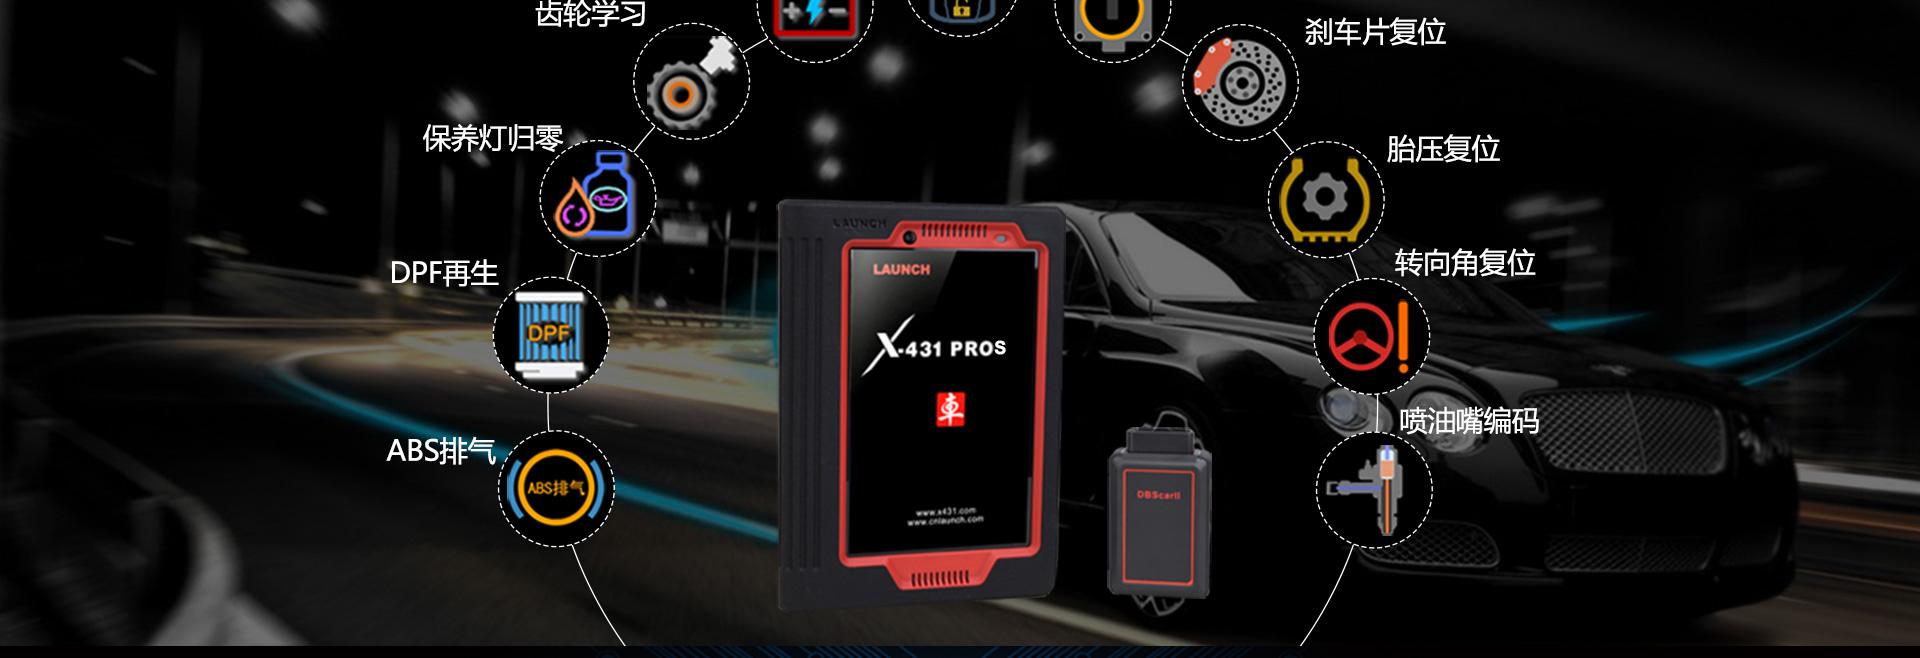 编程及常用特殊功能,如保养灯一键归零,节气门匹配,转向角复位,刹车片